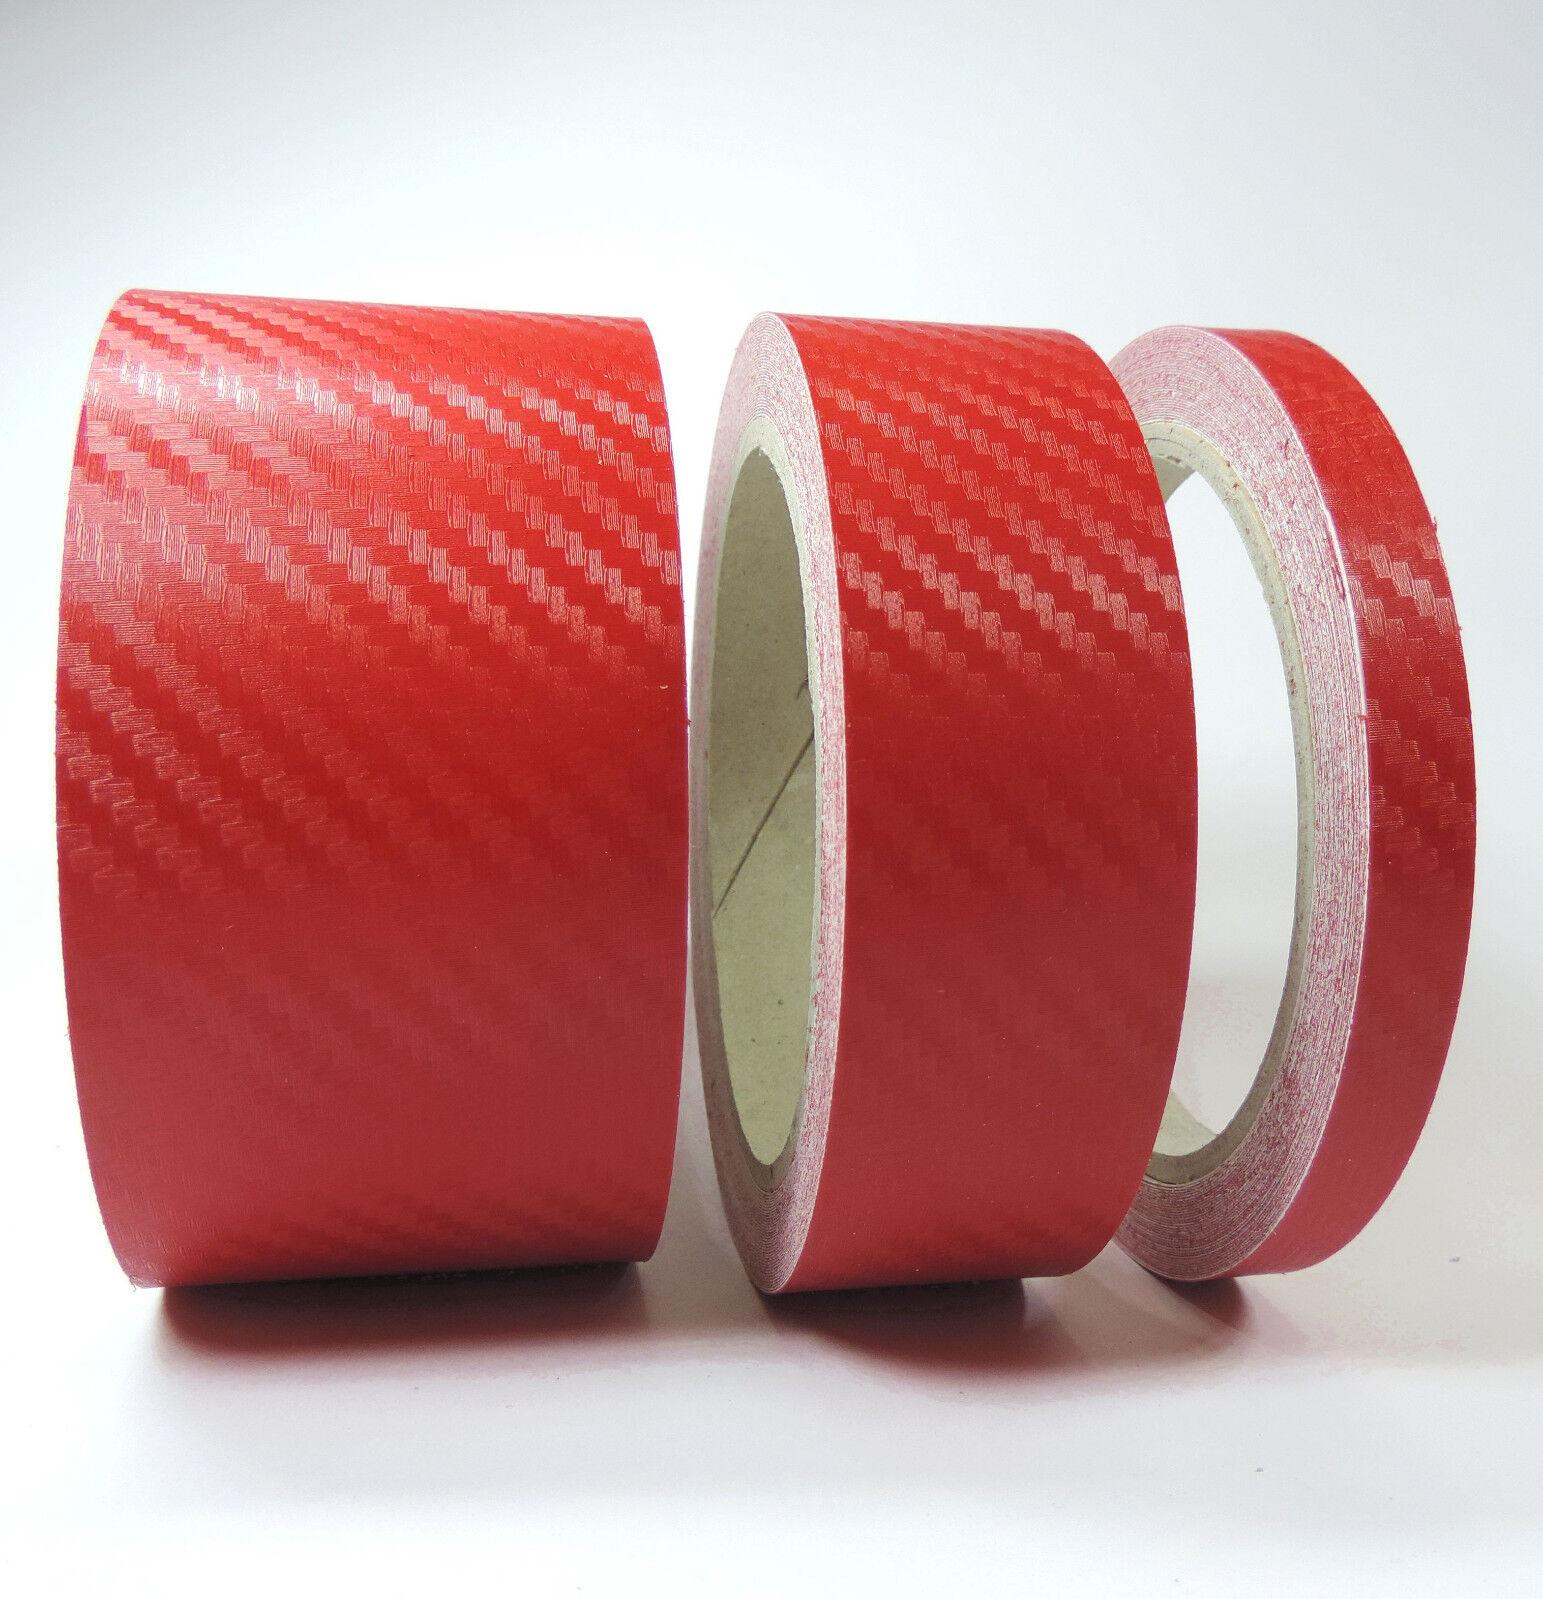 ZIERSTREIFEN 9mm CARBON ROT GLANZ red 10m Auto 9 Stripe Boot 0,9cm Dekor